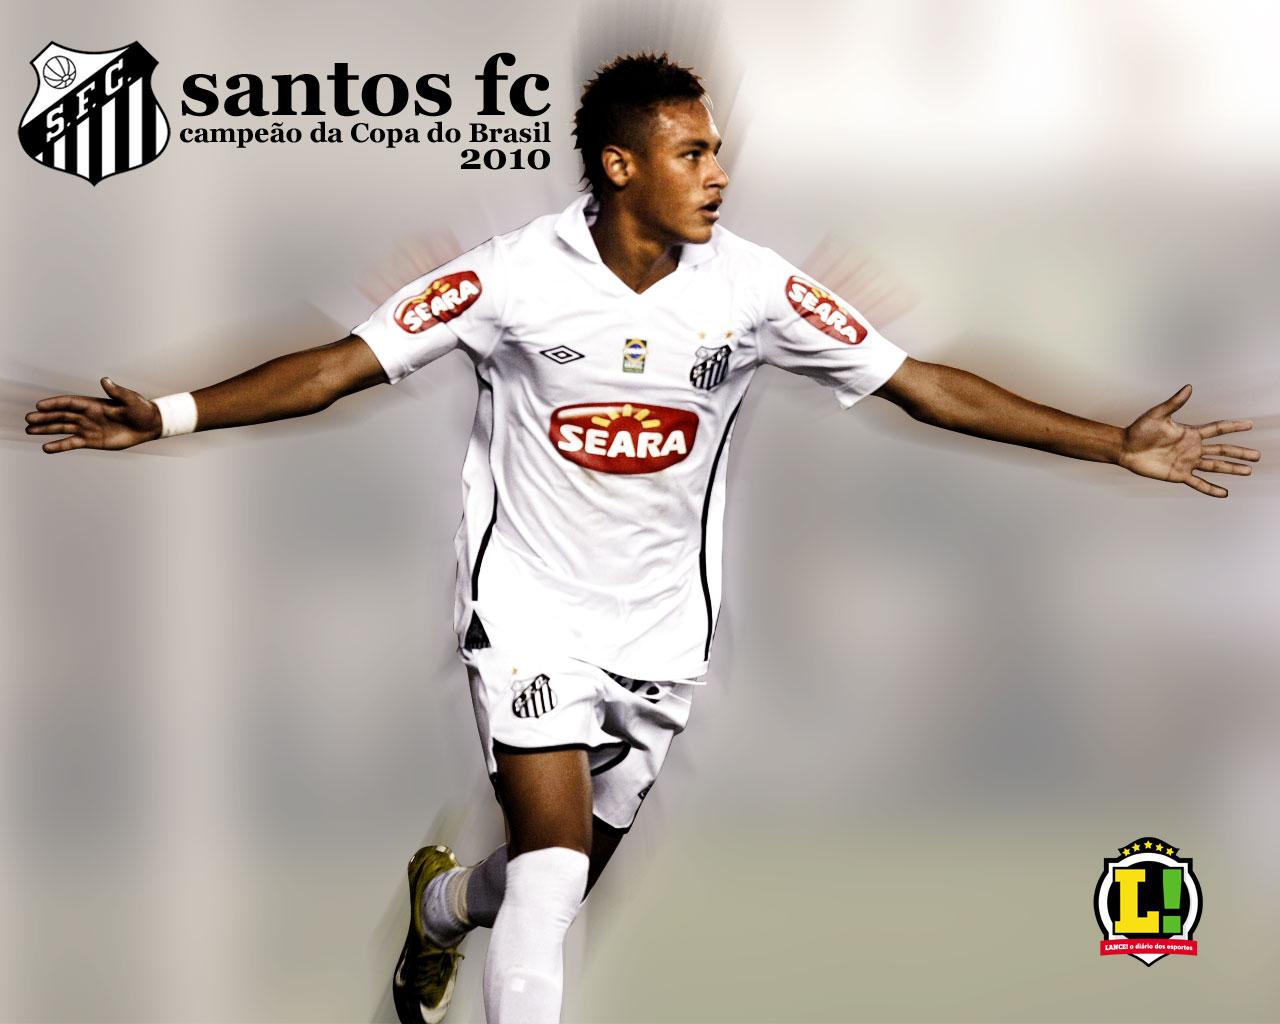 http://3.bp.blogspot.com/-I3qYVhHuDxE/TkK-NledIcI/AAAAAAAACuw/JSGwlUPpzHM/s1600/Neymar-Wallpaper-2011.jpg